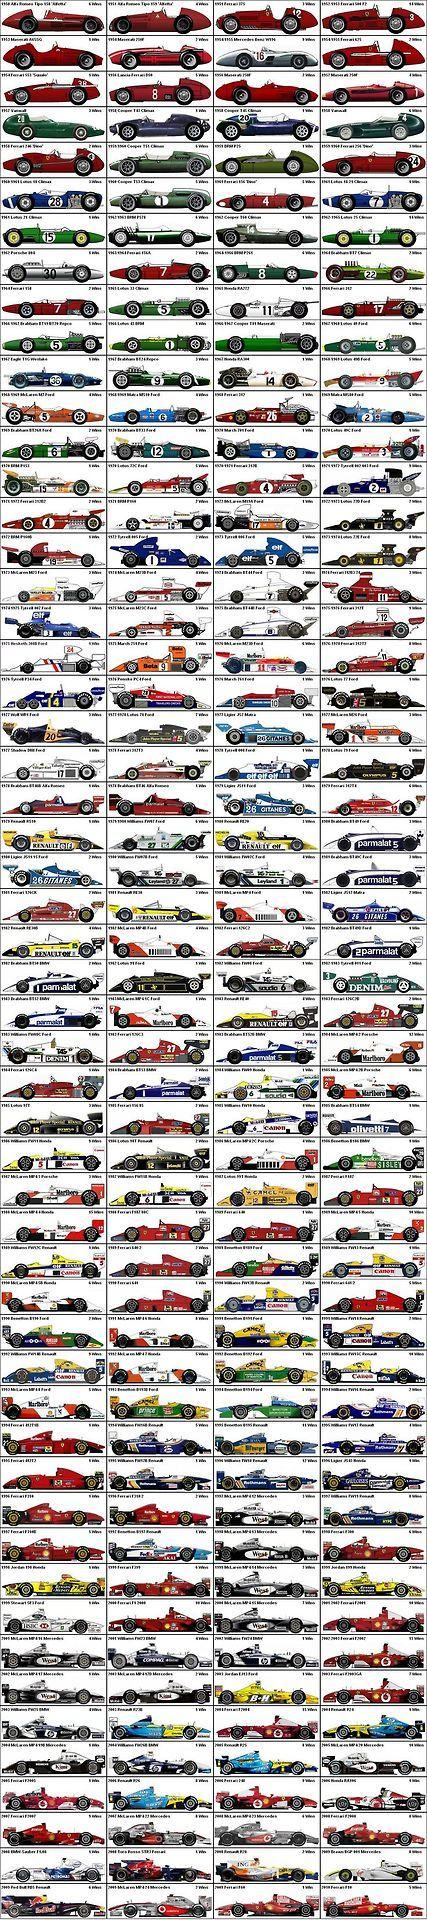 All F1 Winners (1950-2010)